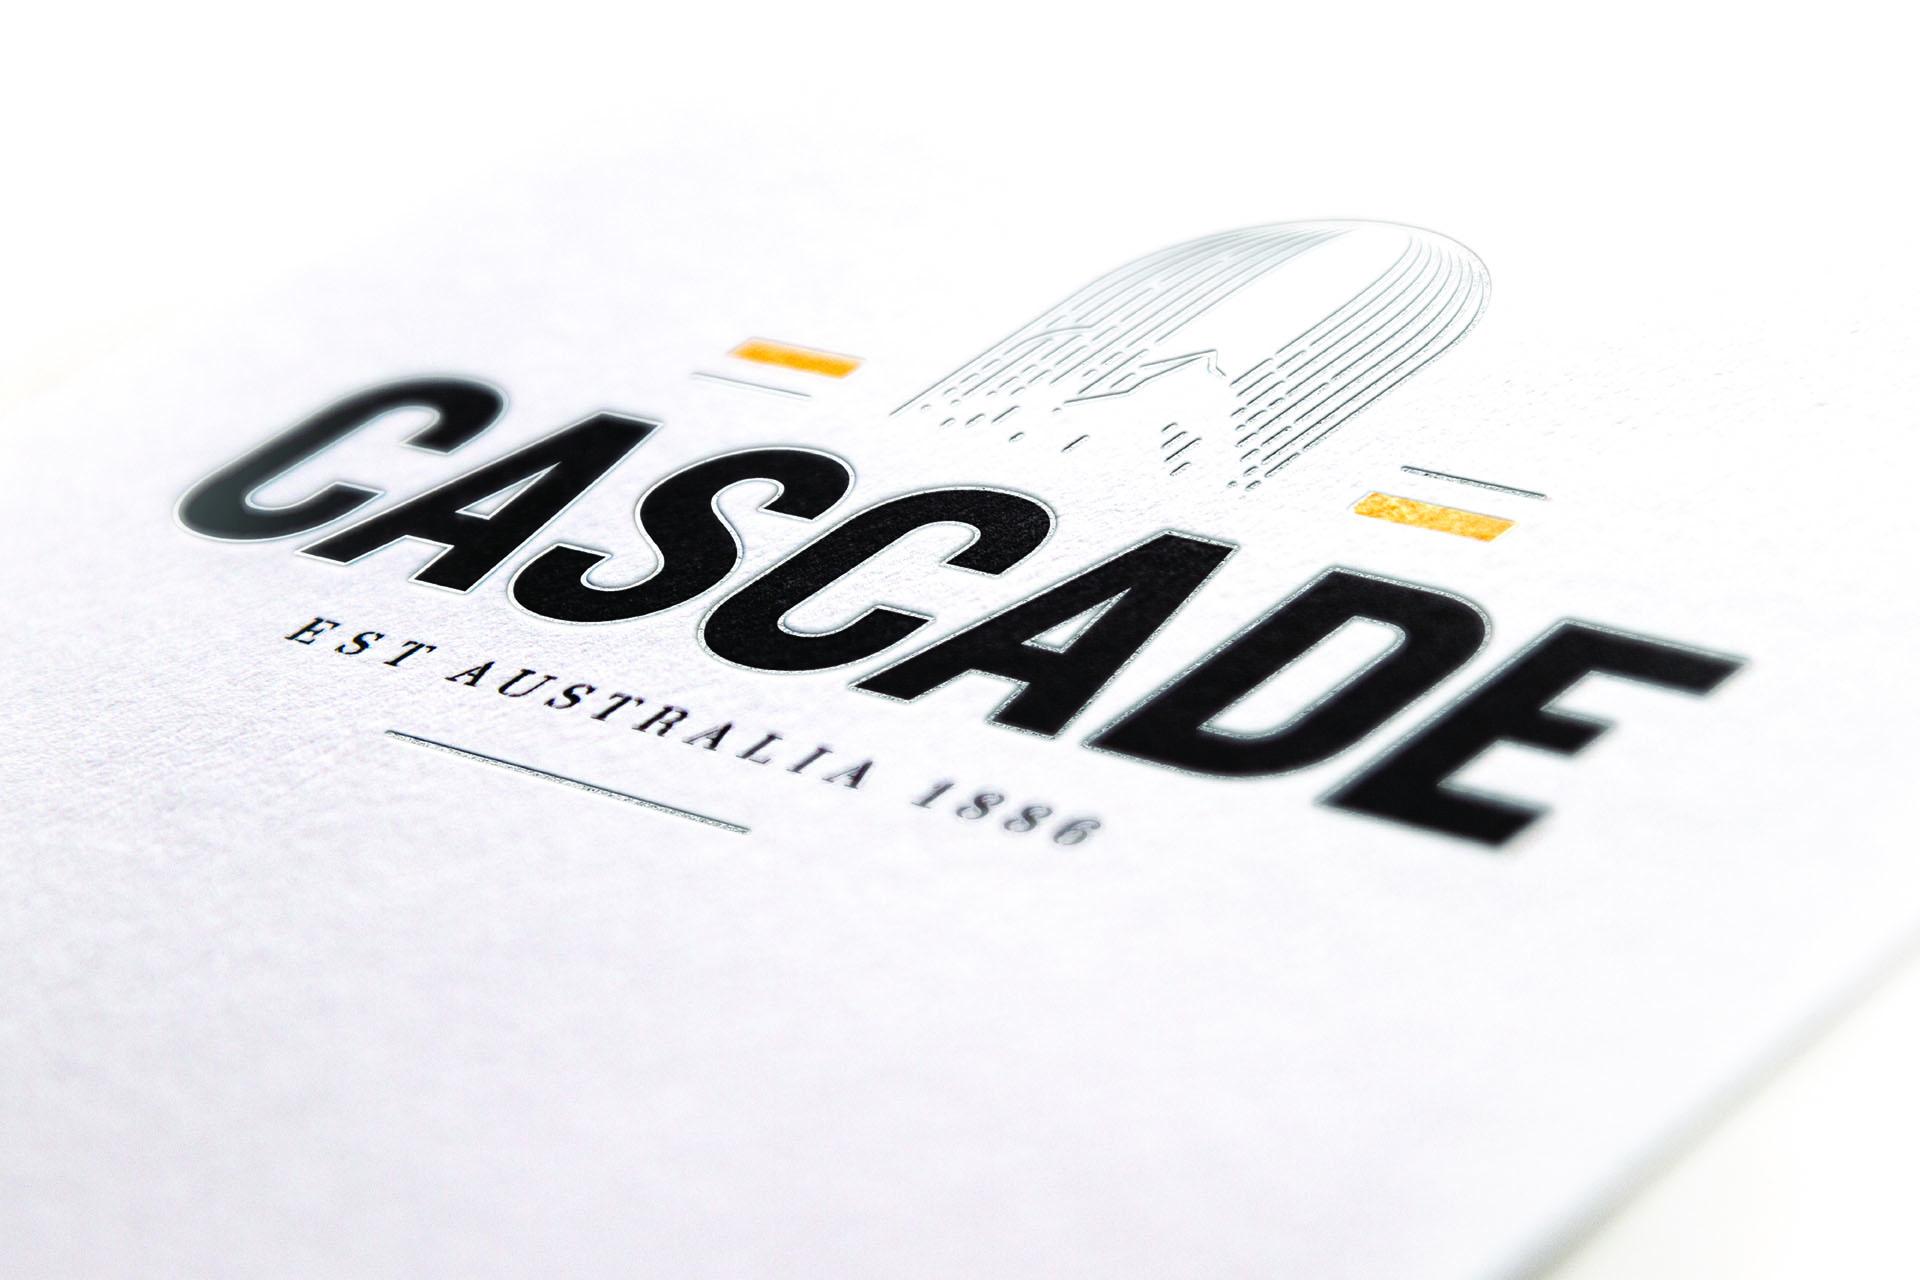 Cascade_SaseStudy_Layout_02_v0.jpg